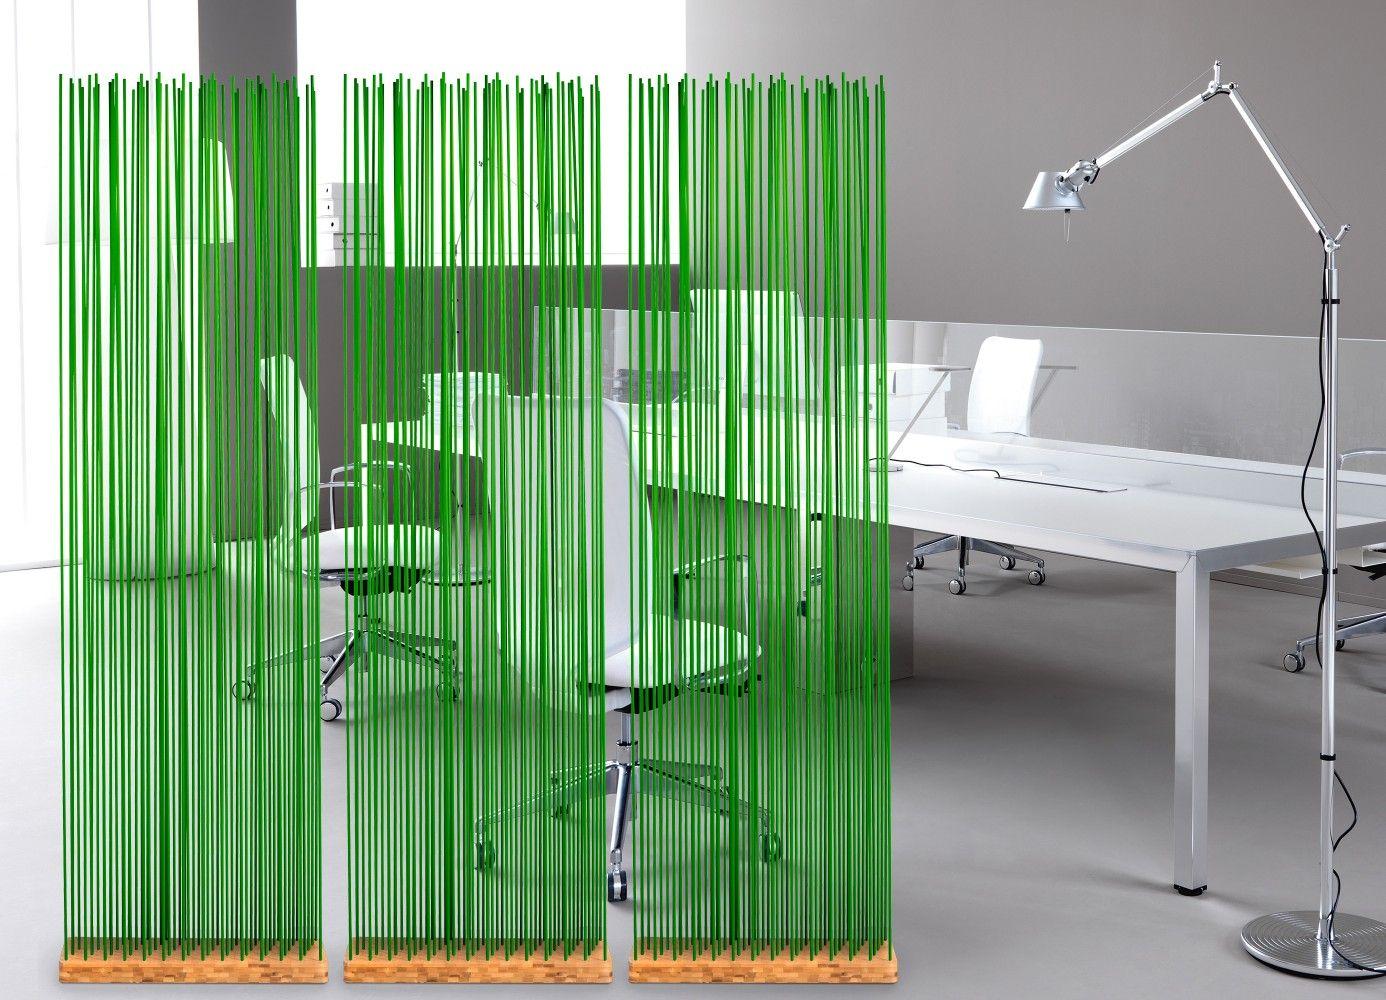 Full Size of Paravent Bambus Grne Raumteiler Raumtrenner Fr Bro Bros Mit Garten Bett Wohnzimmer Paravent Bambus